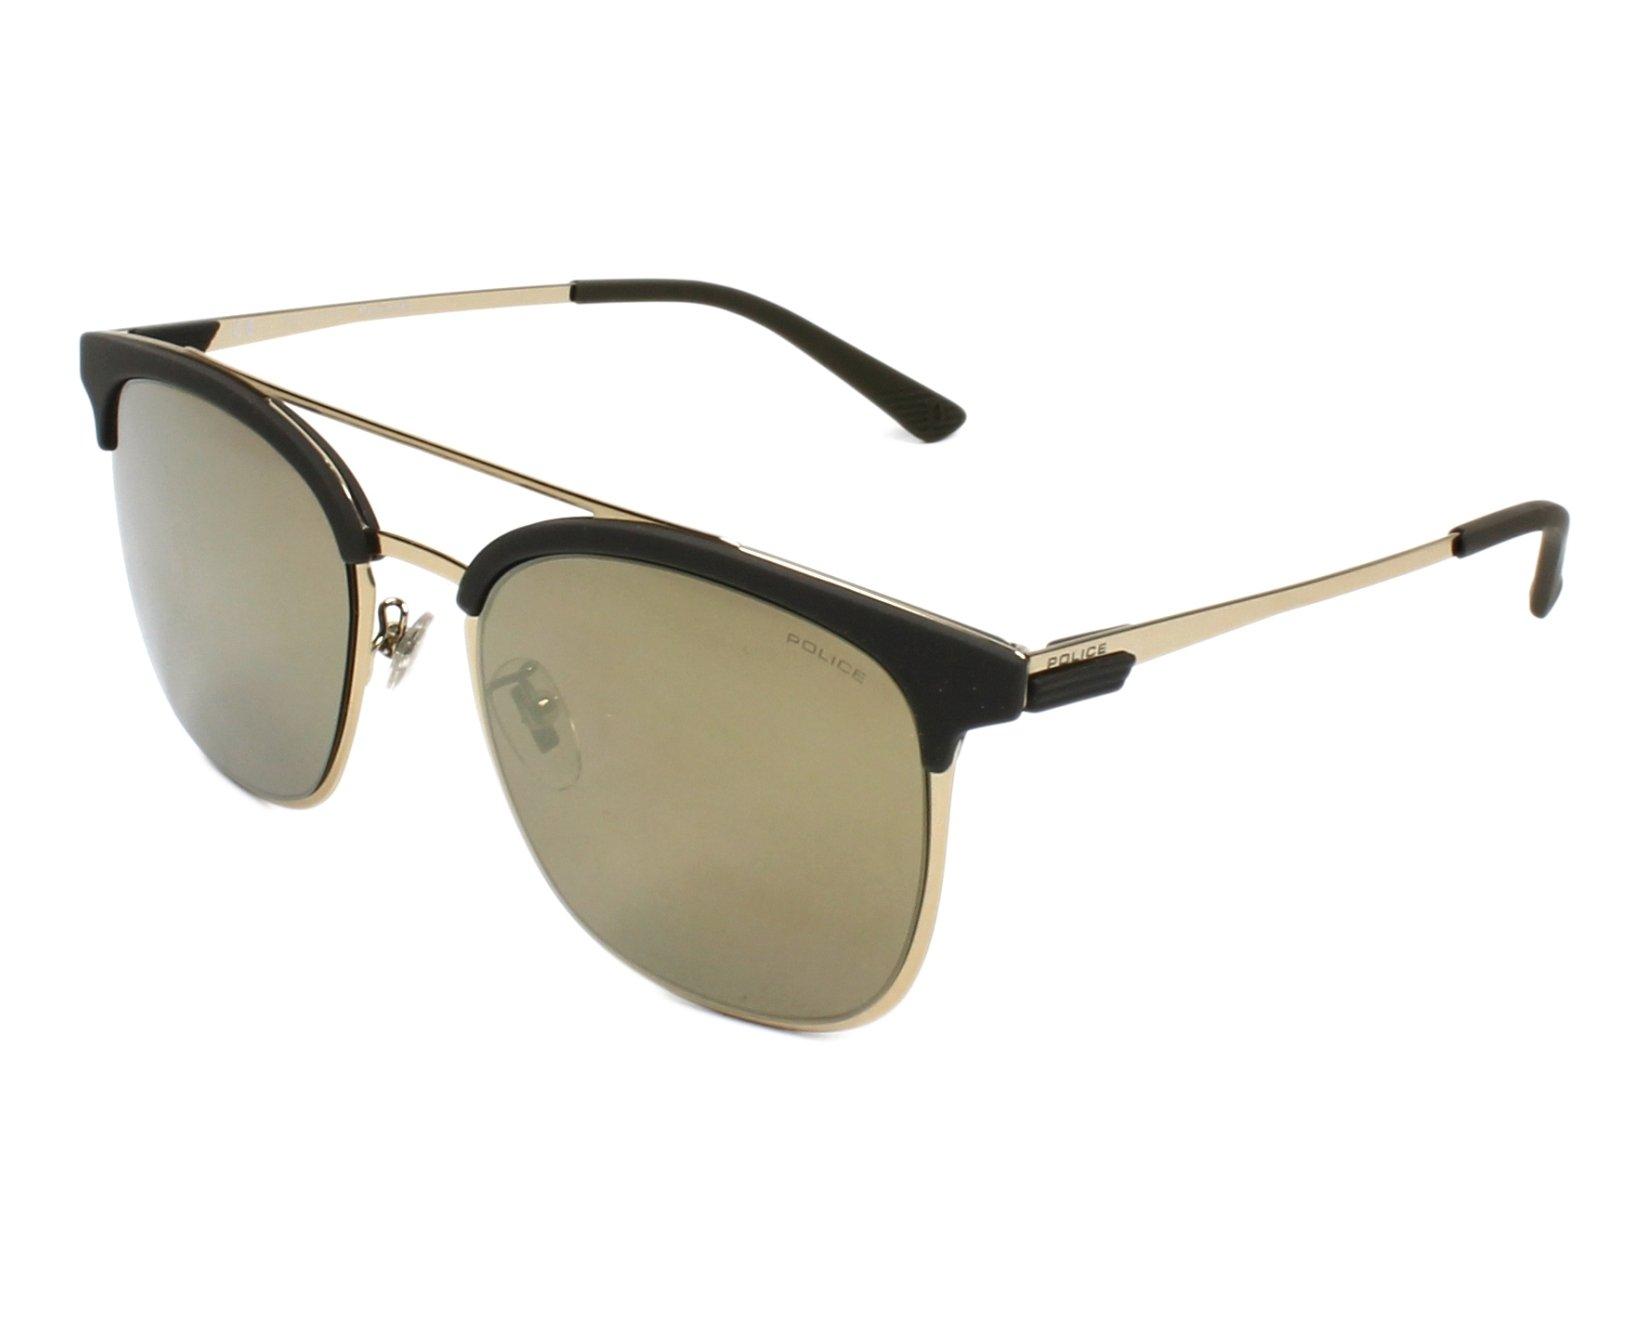 lunettes de soleil crossover 1 de police en spl 569 8ffg. Black Bedroom Furniture Sets. Home Design Ideas